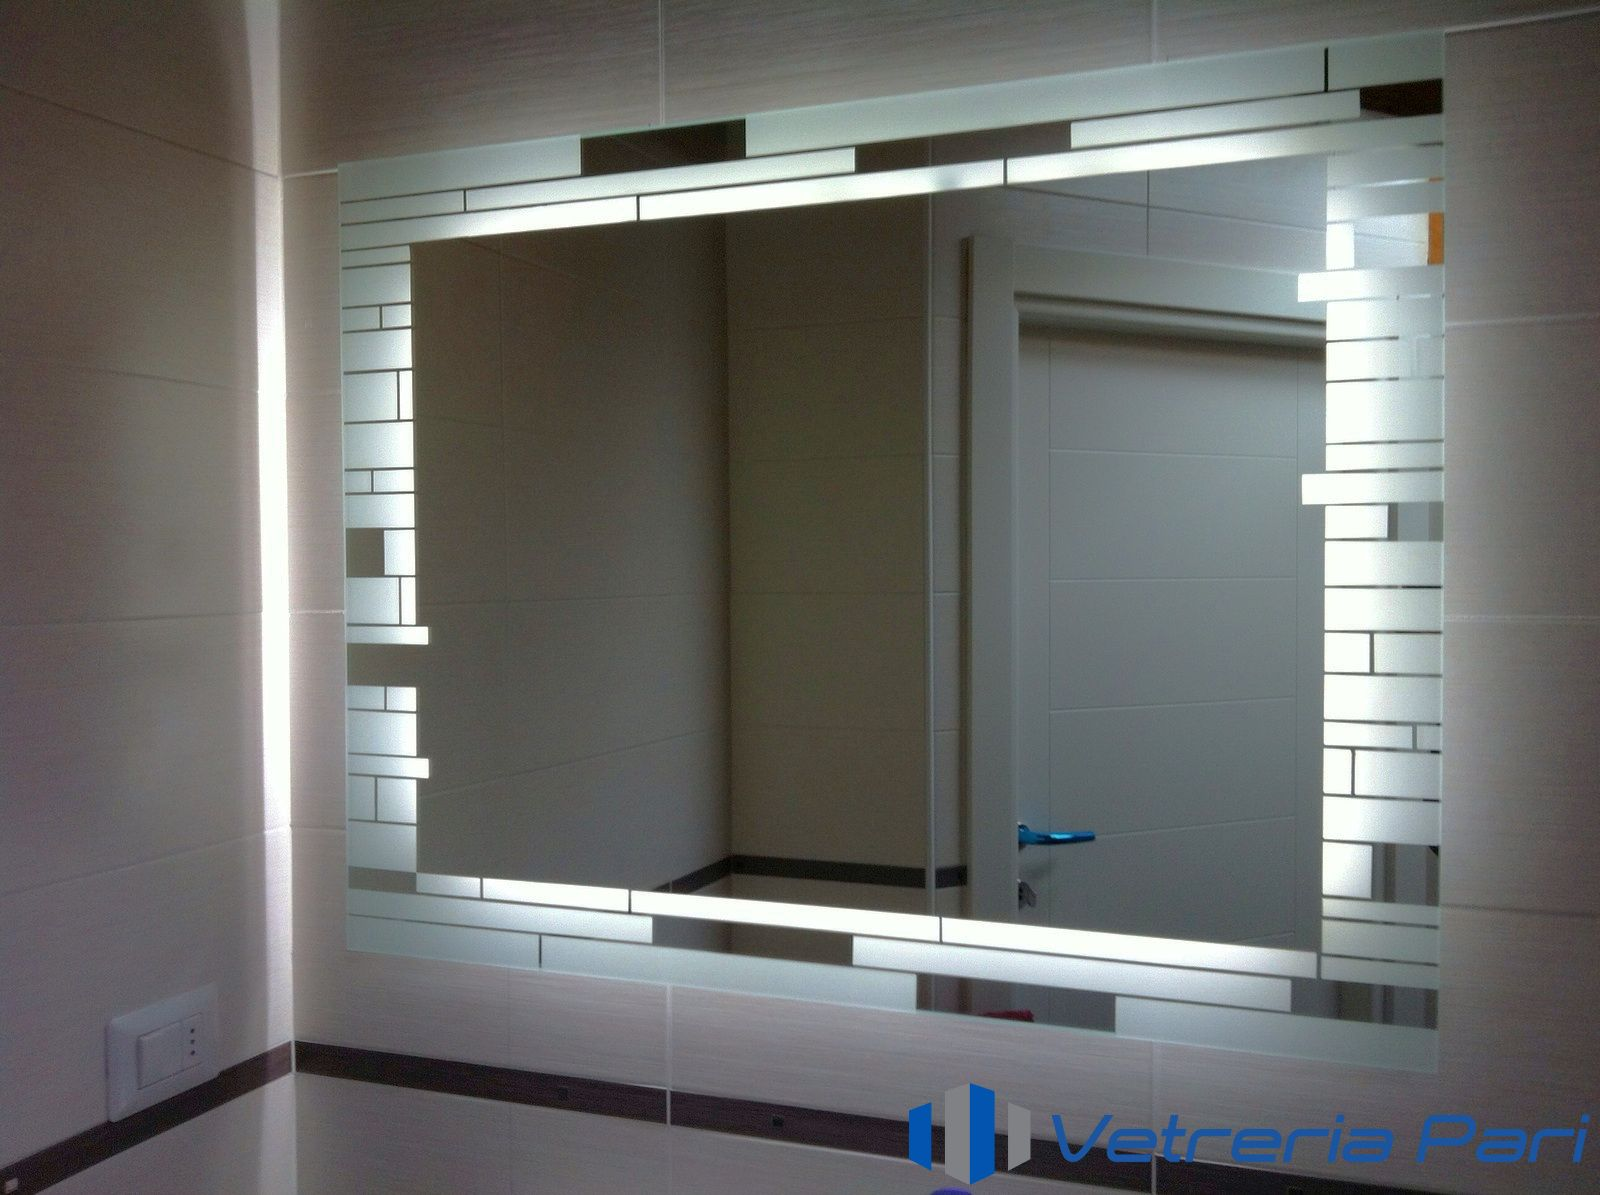 Specchio decorato illuminato con LED Rimini